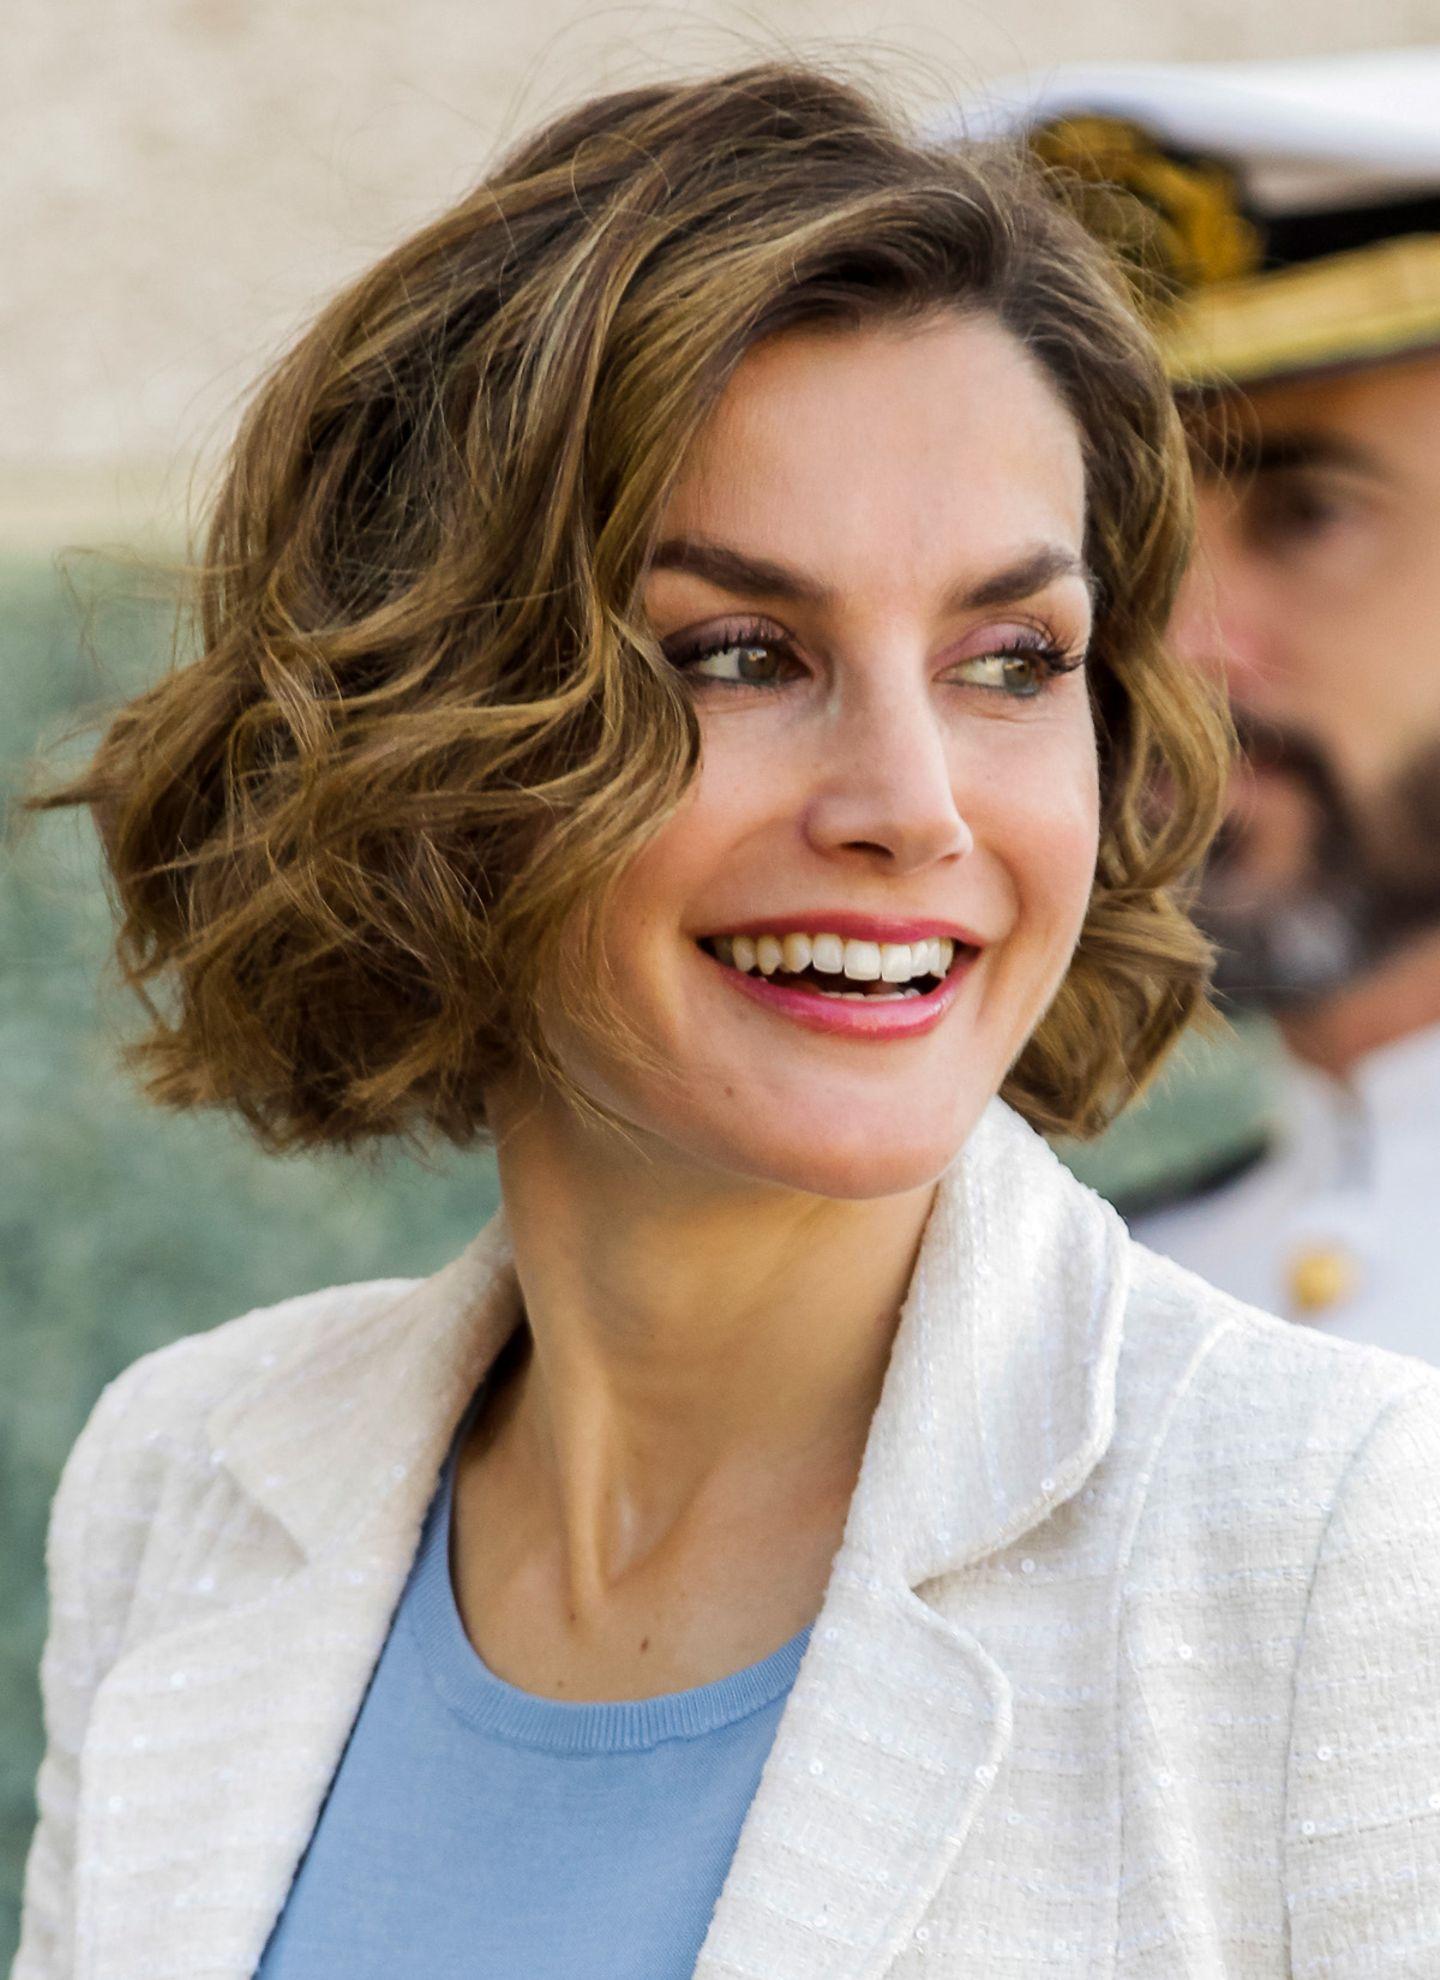 Die Vielseitigkeit des Bob-Haarschnitts präsentiert Königin Letizia sehr schön mit dieser leicht lockigen Styling-Variante.